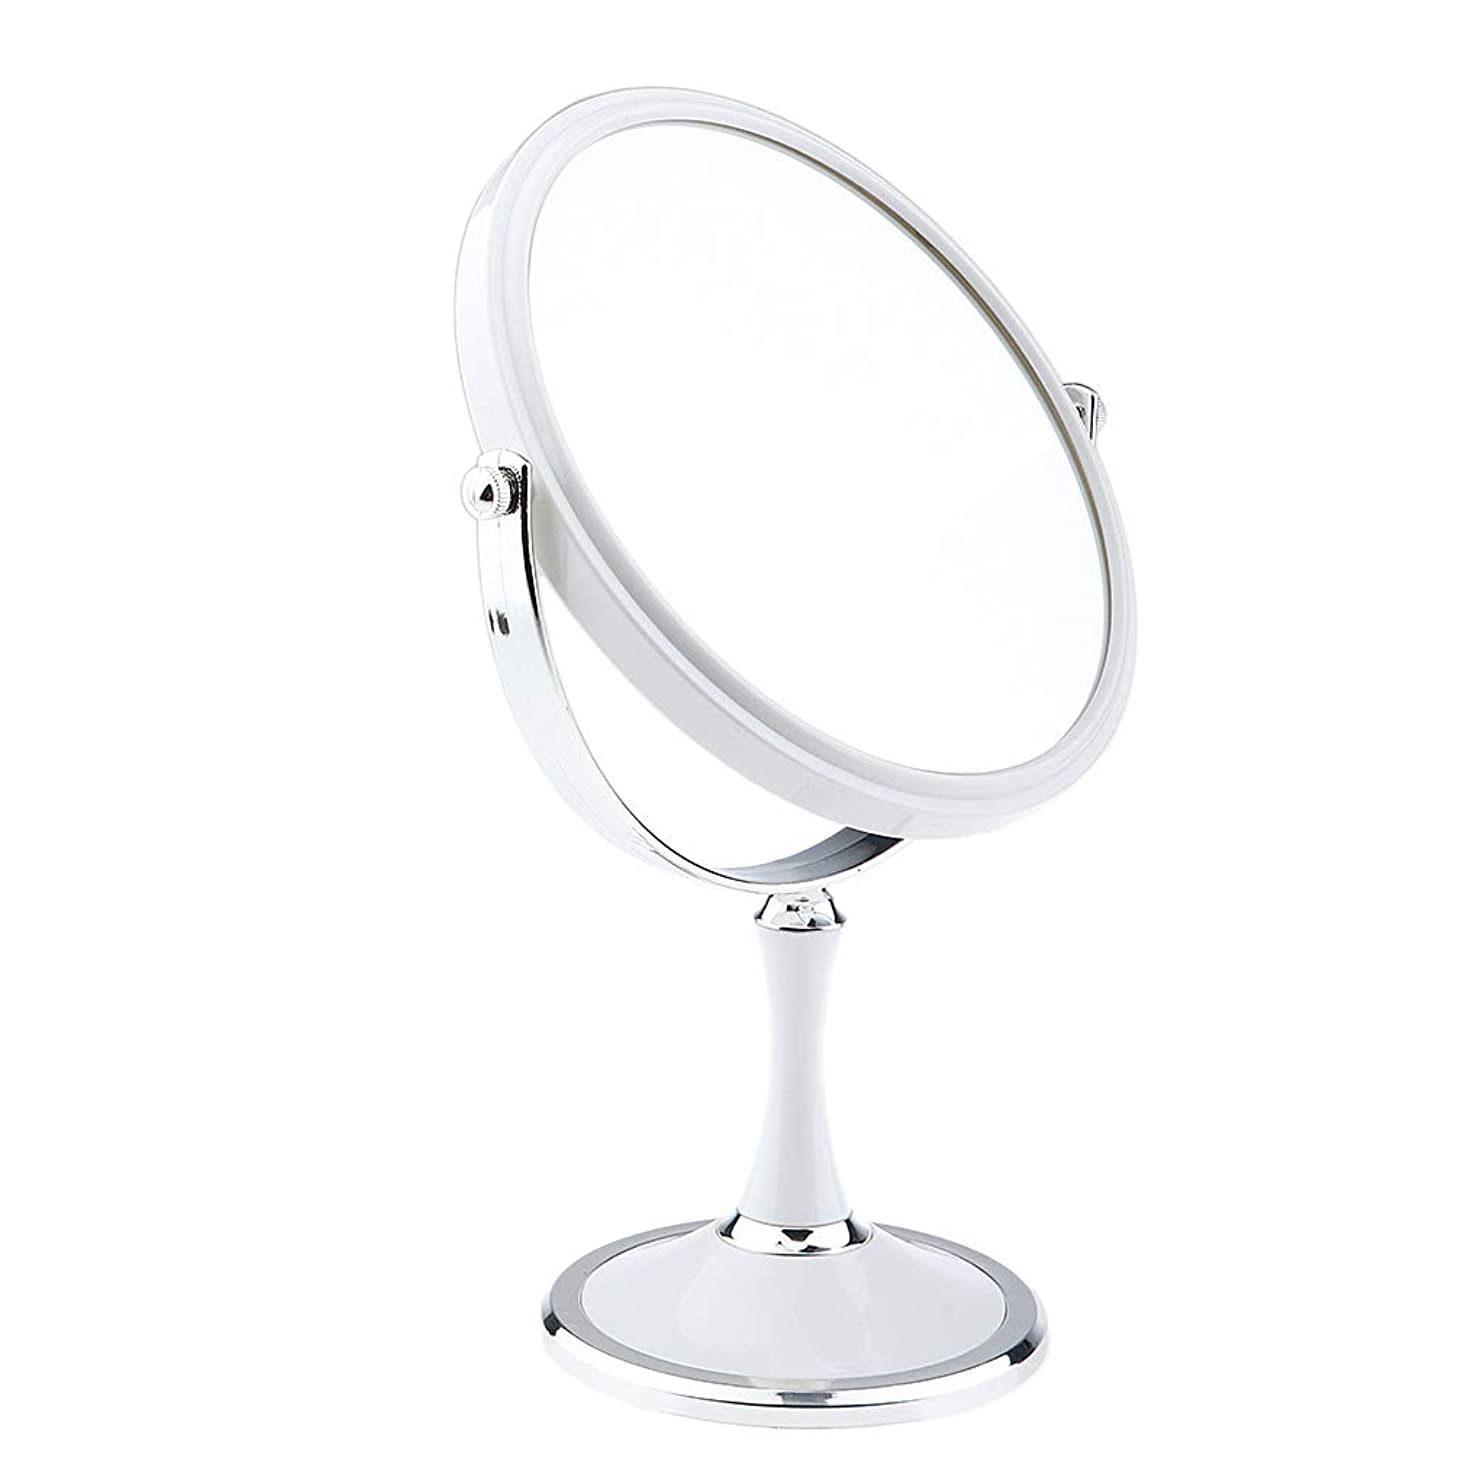 変装宣言ブレーキB Blesiya メイクアップミラー デュアルサイド 化粧鏡 1X / 3X 拡大鏡 ラウンド 卓上鏡 2色選べ - 白